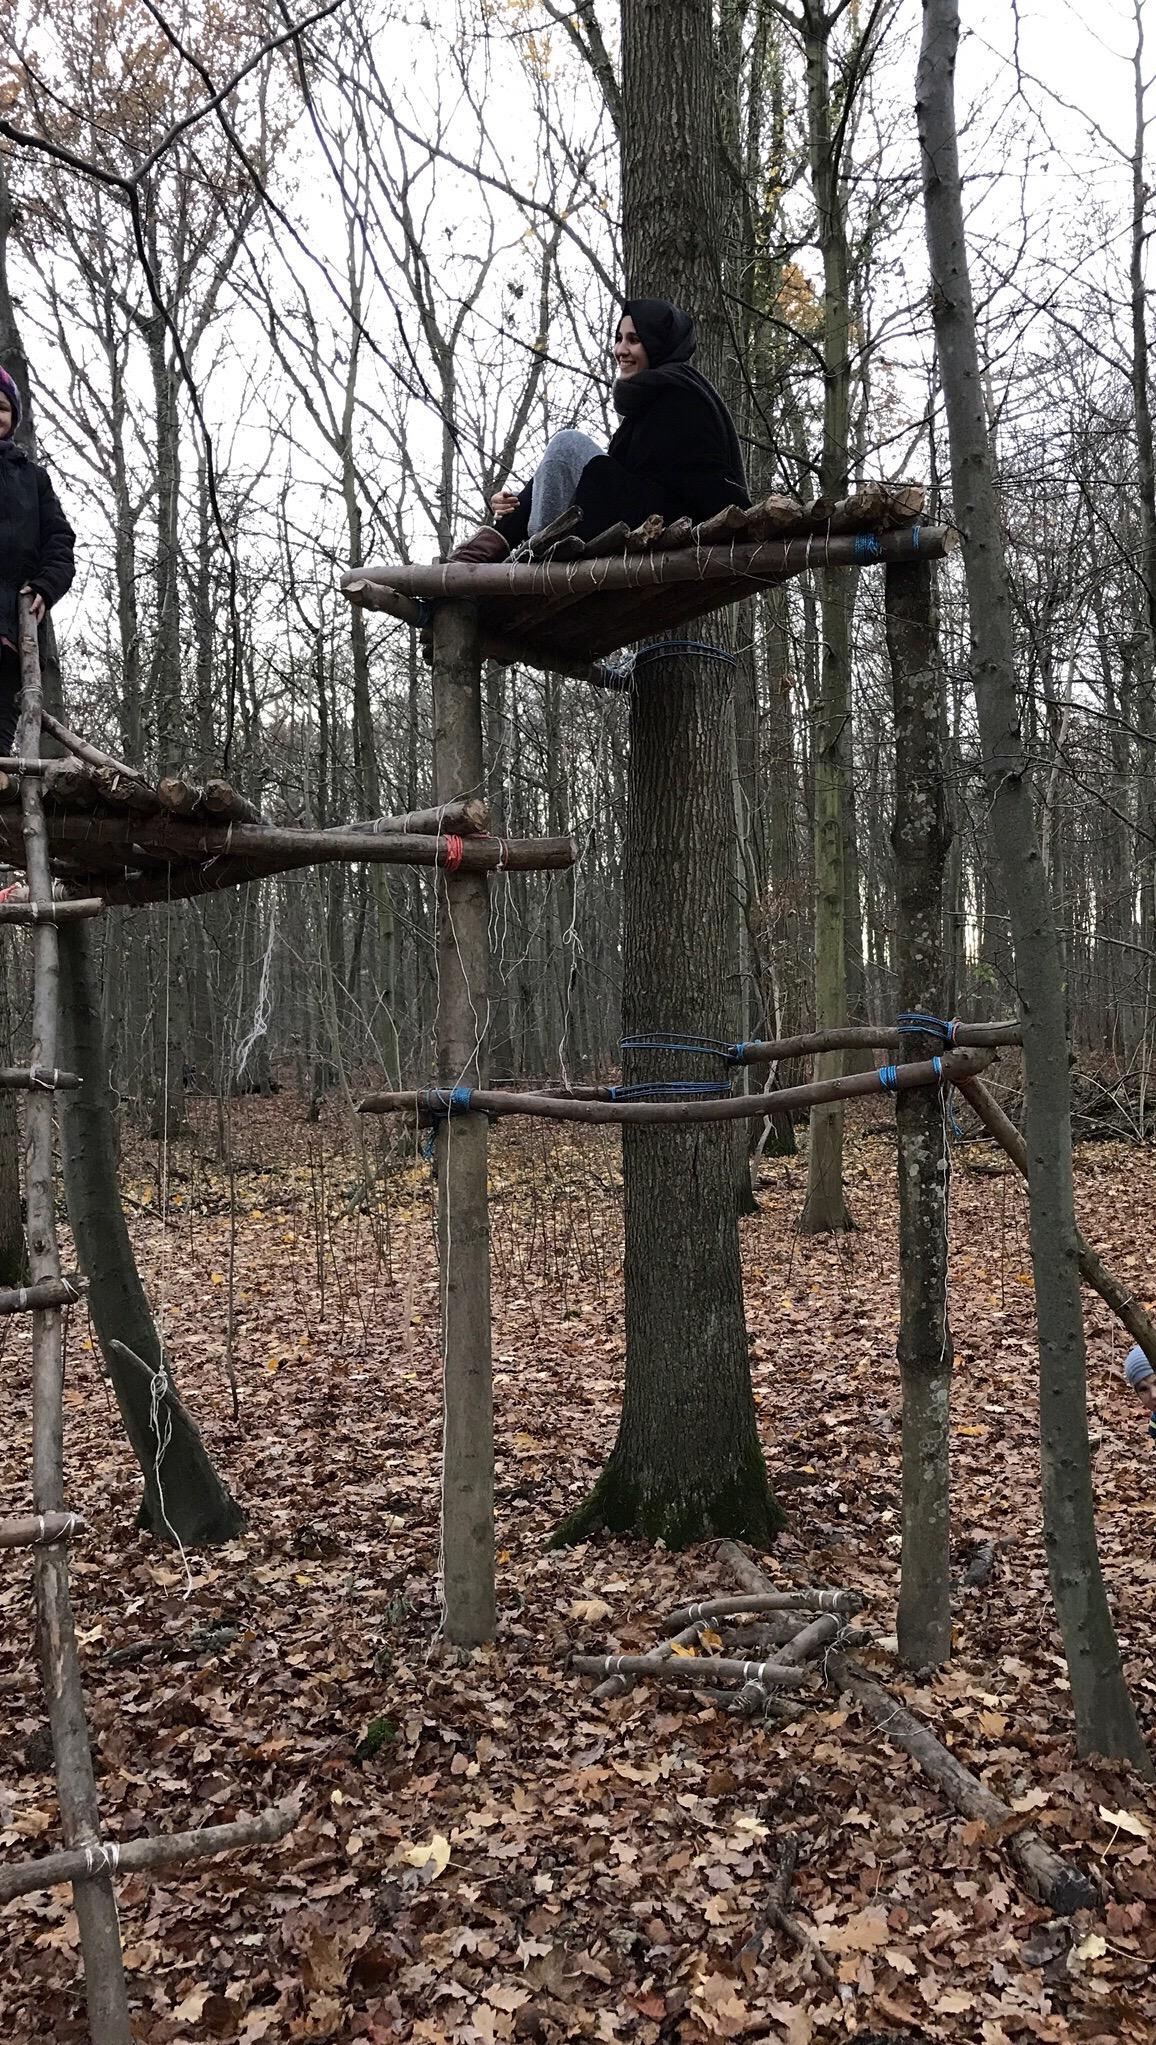 soendag-skoven-risskov-uden-ris-masser-kager-ting-jeg-ikke-forstaar3